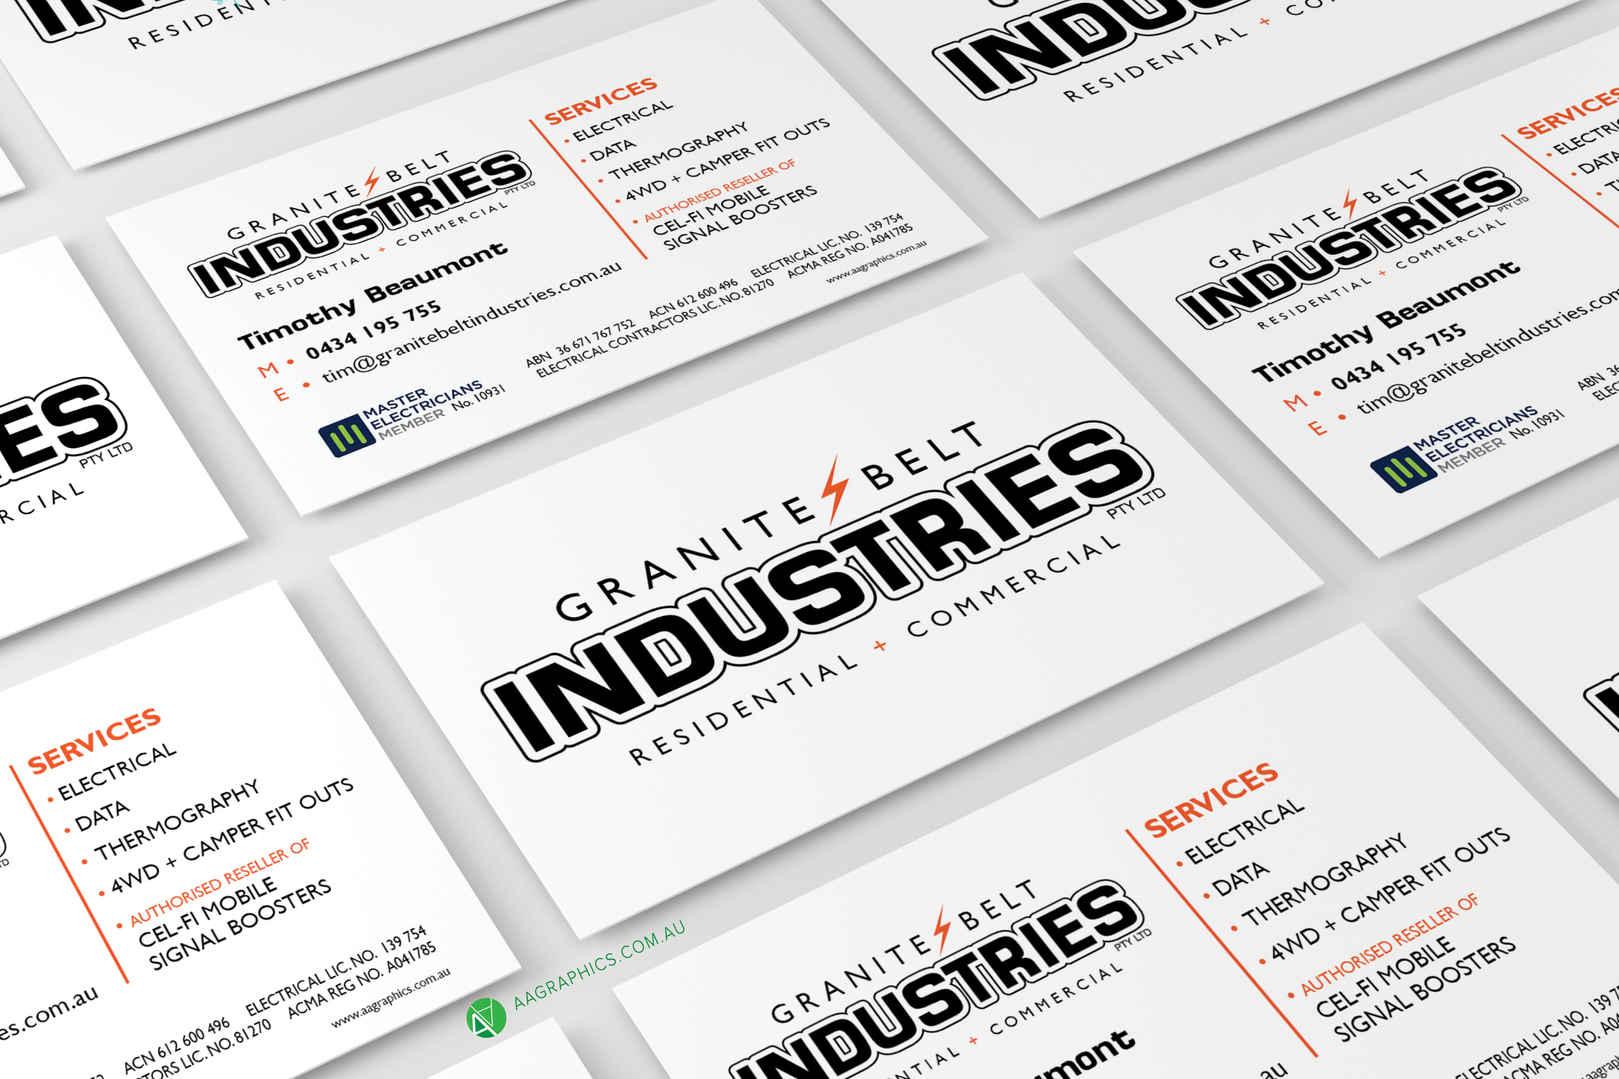 GB Industries.jpg